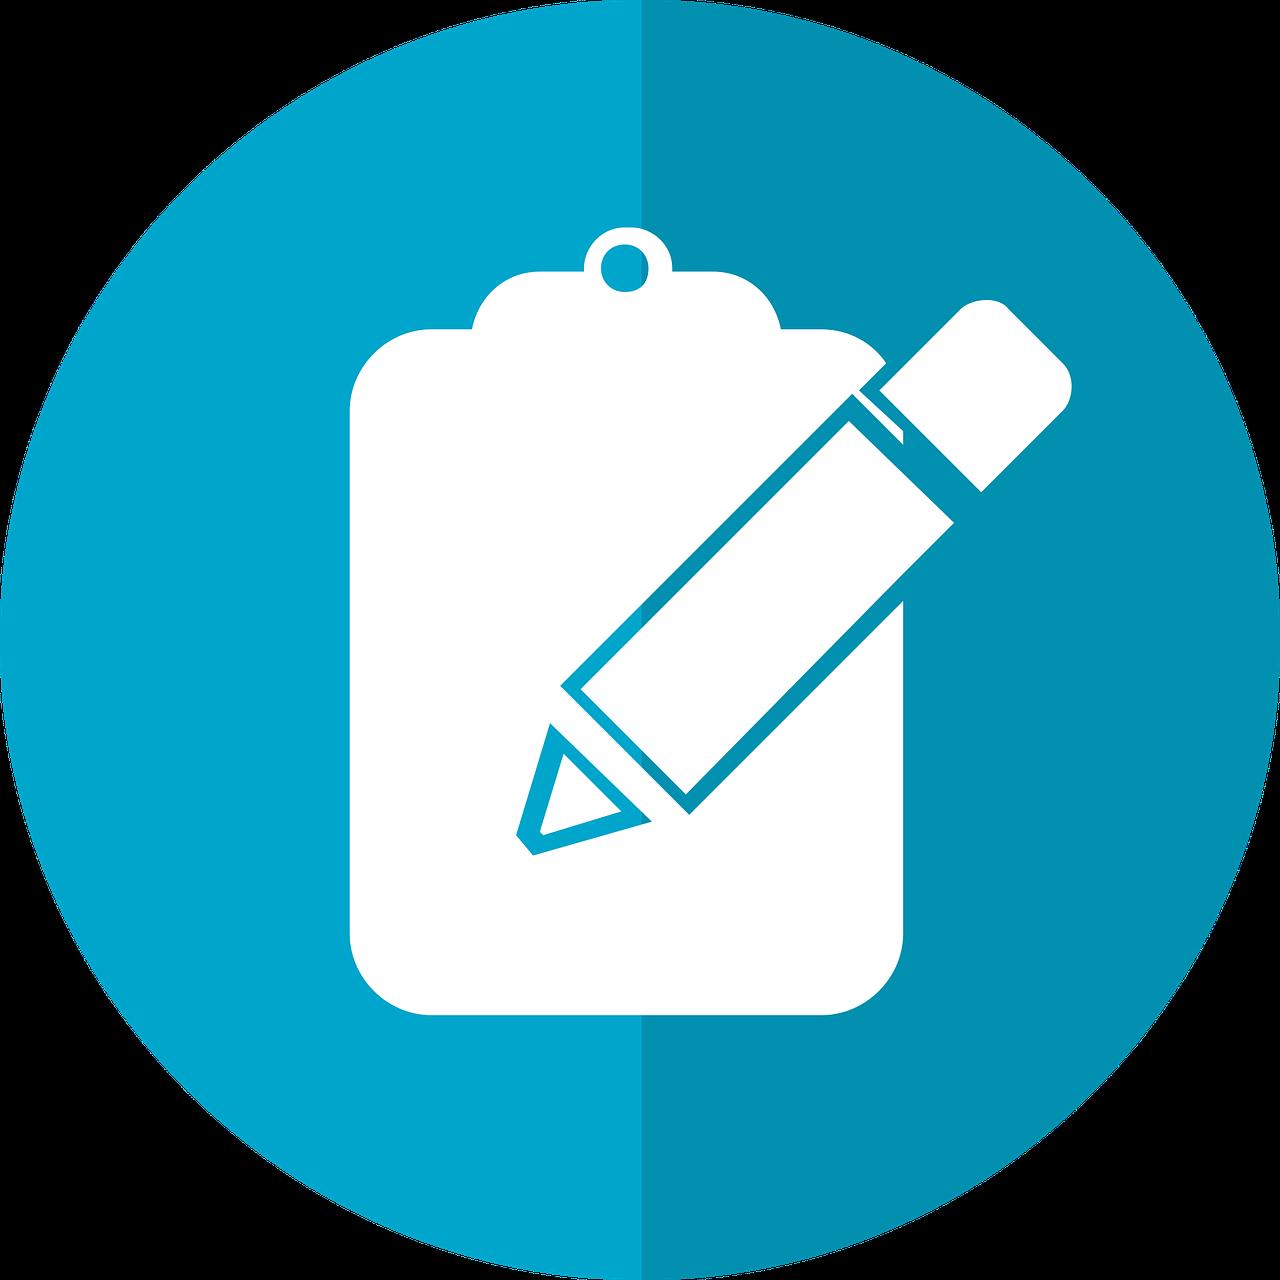 Eltern- und Schülerinformation für den 9. Jahrgang: Anmeldung – Hauptschulabschluss nach Jahrgang 9